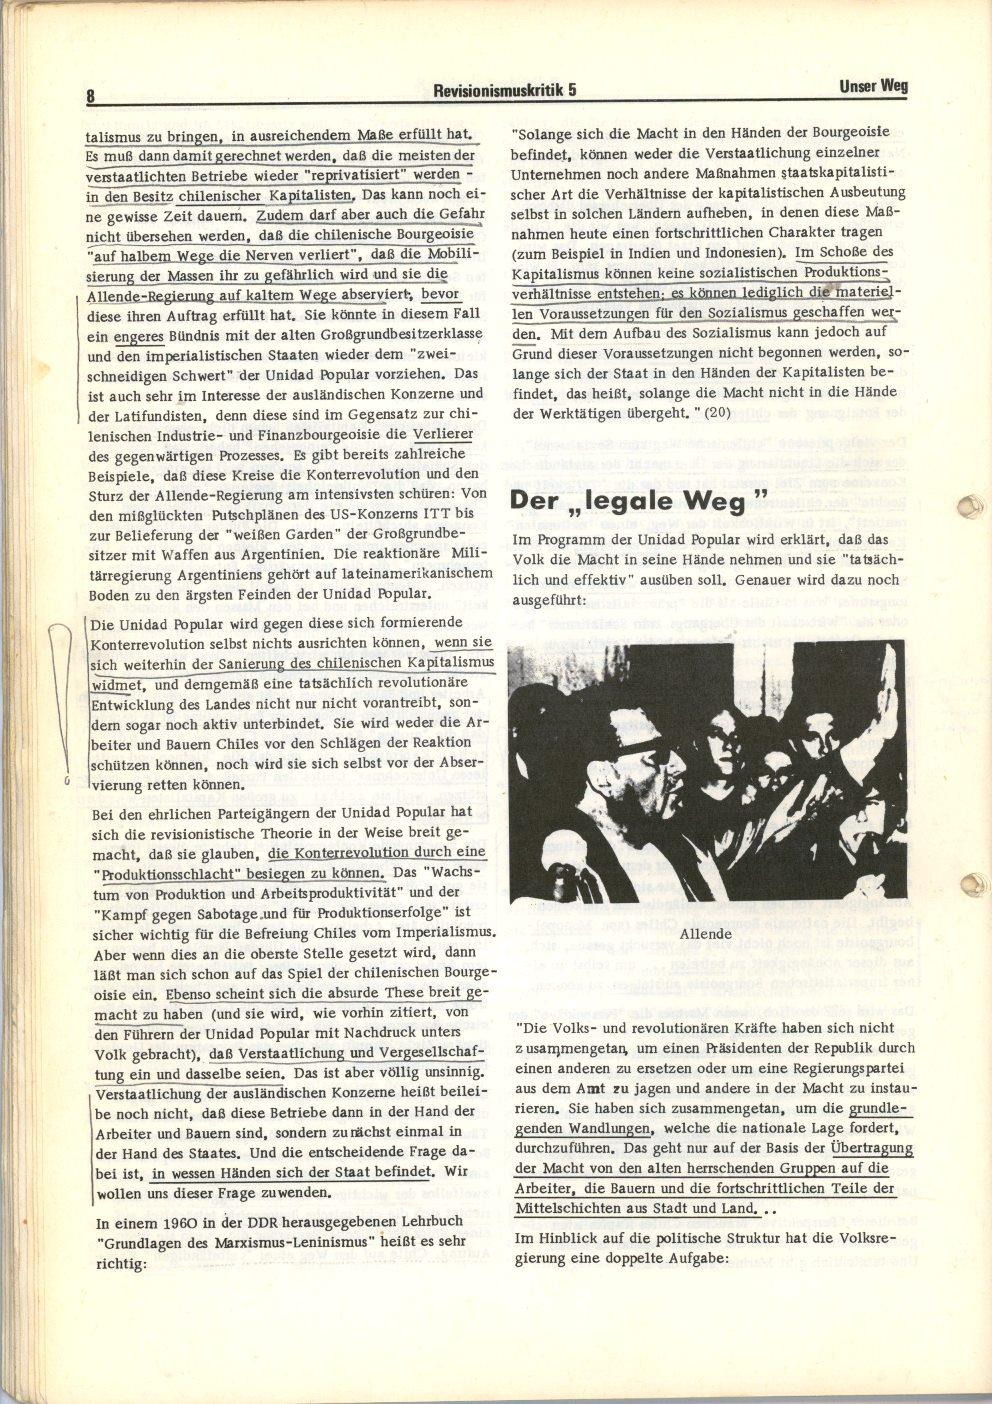 KB_Unser_Weg_1972_Chile_10